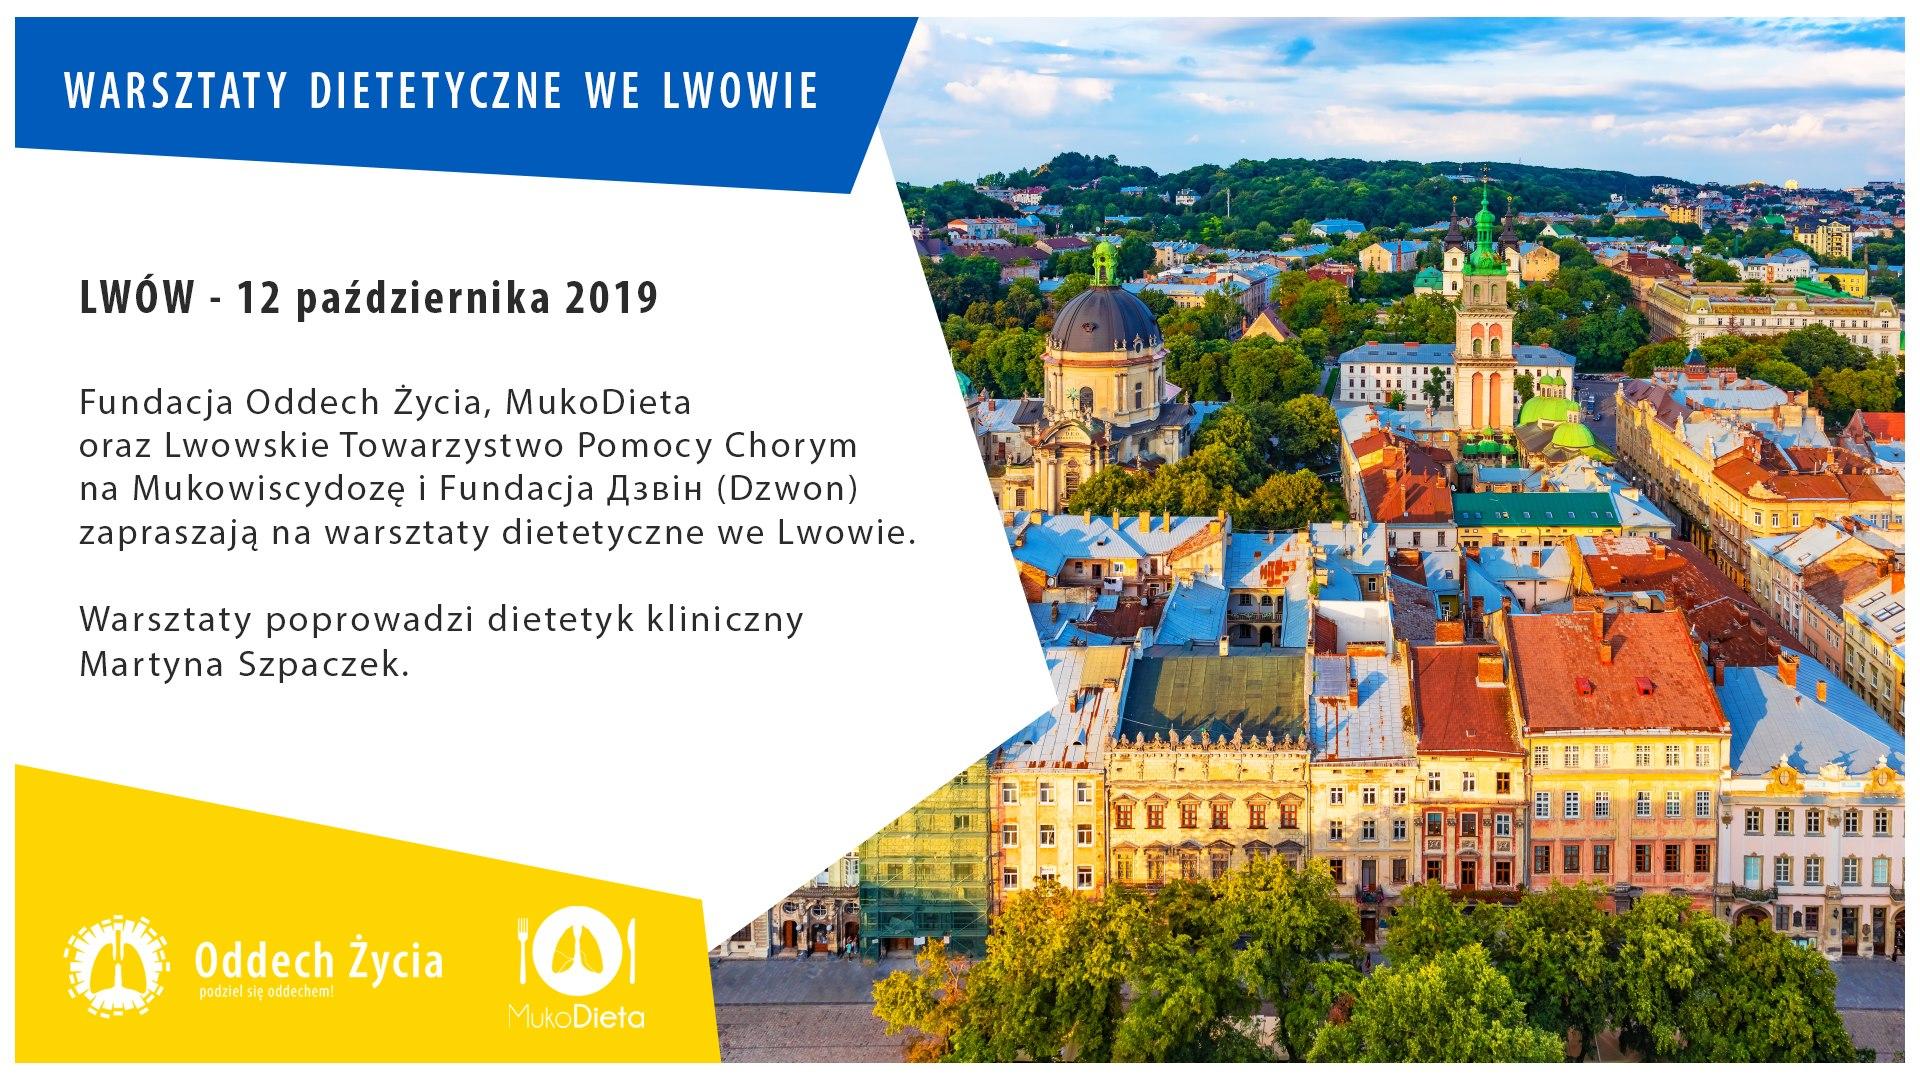 Warsztaty dietetyczne dla rodziców i opiekunów osób chorych na mukowiscydozę – Lwów 2019